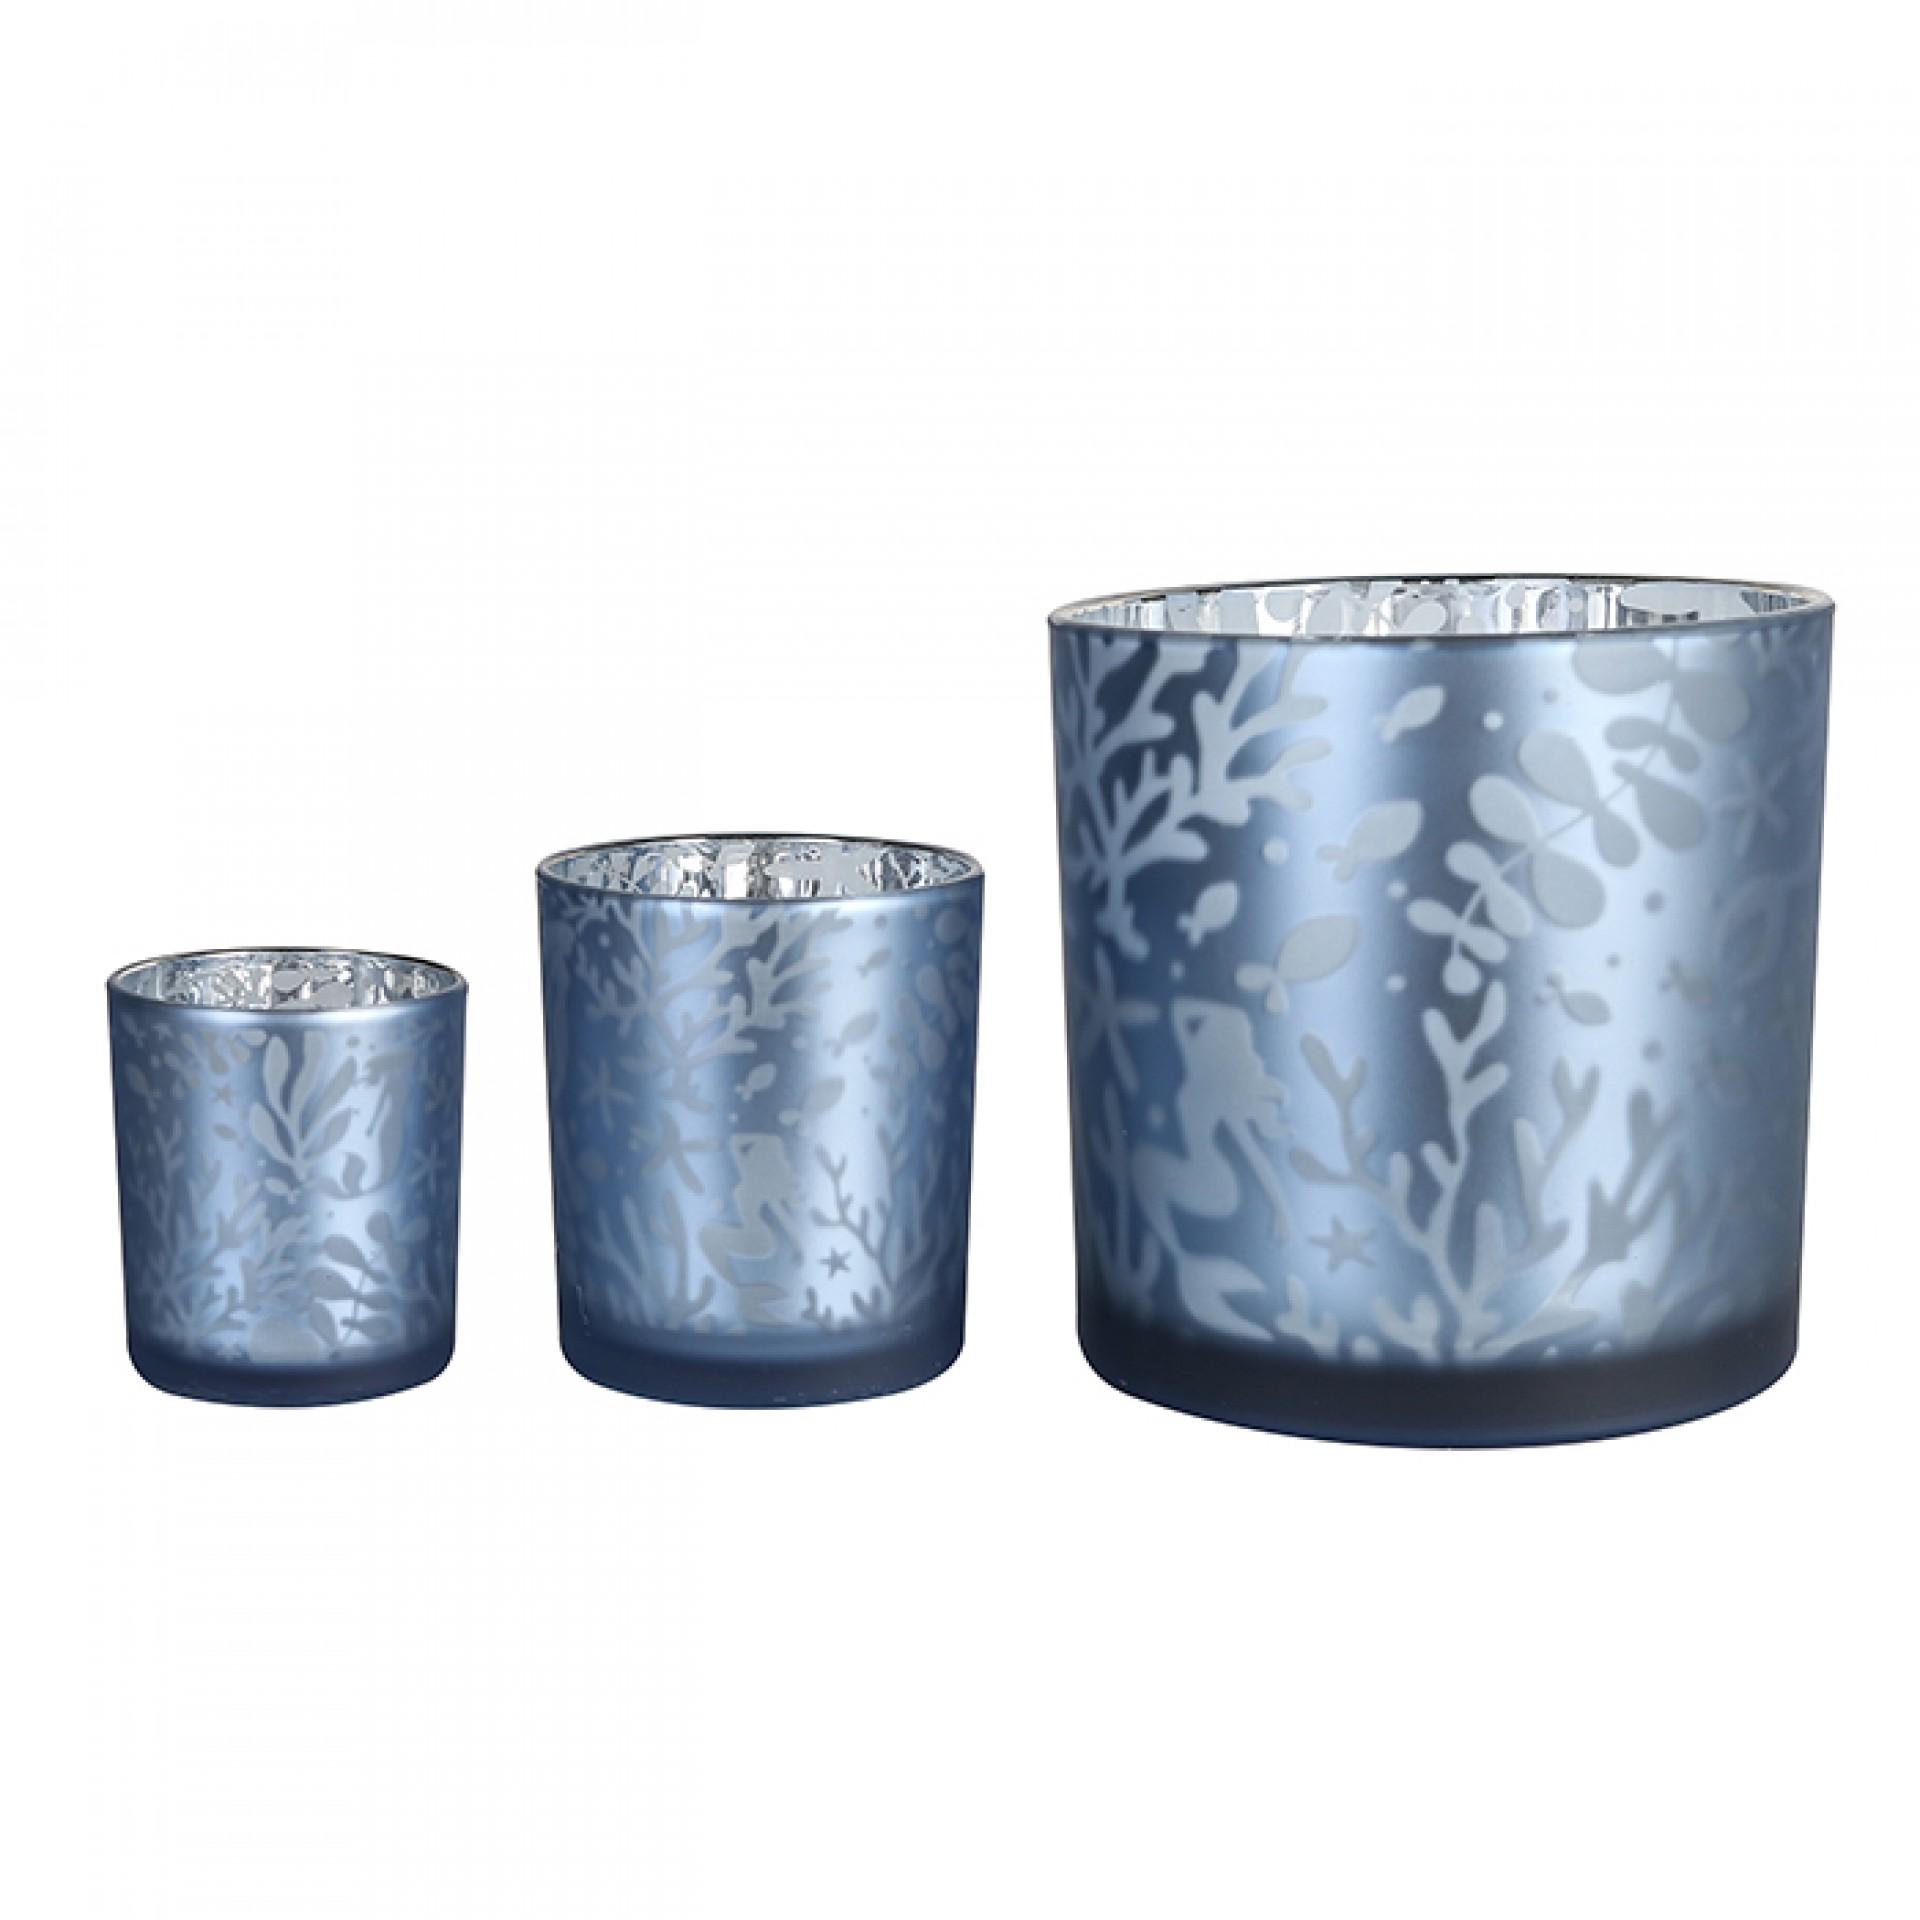 Skleněný čajový svícen Seaworld, 8 cm, modrá/stříbrná